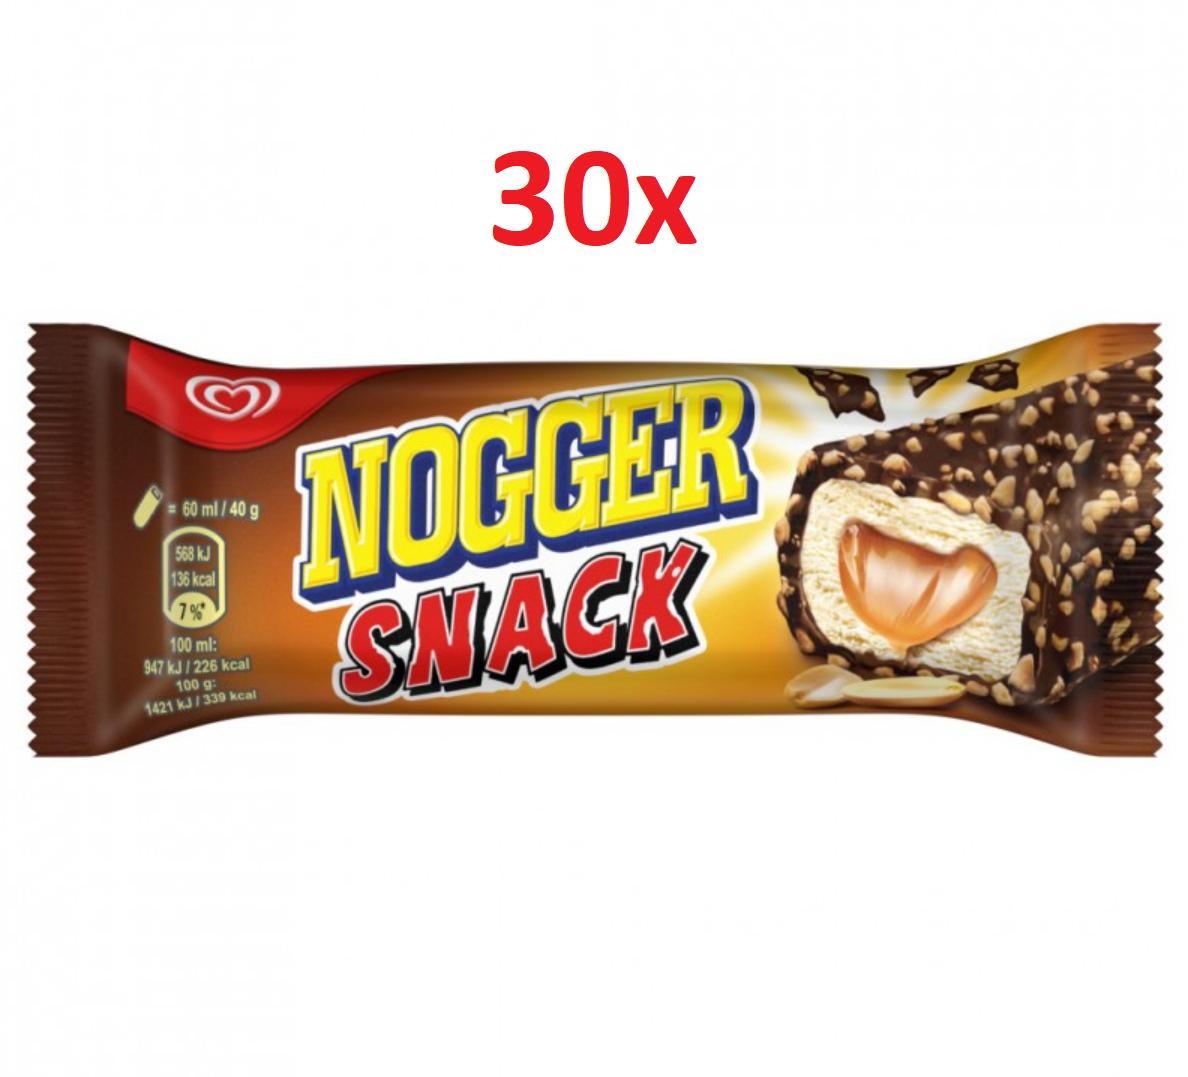 [Zimmermann] 30x Nogger Snack für 6,66€ (=0,22€/Stück) ab Montag